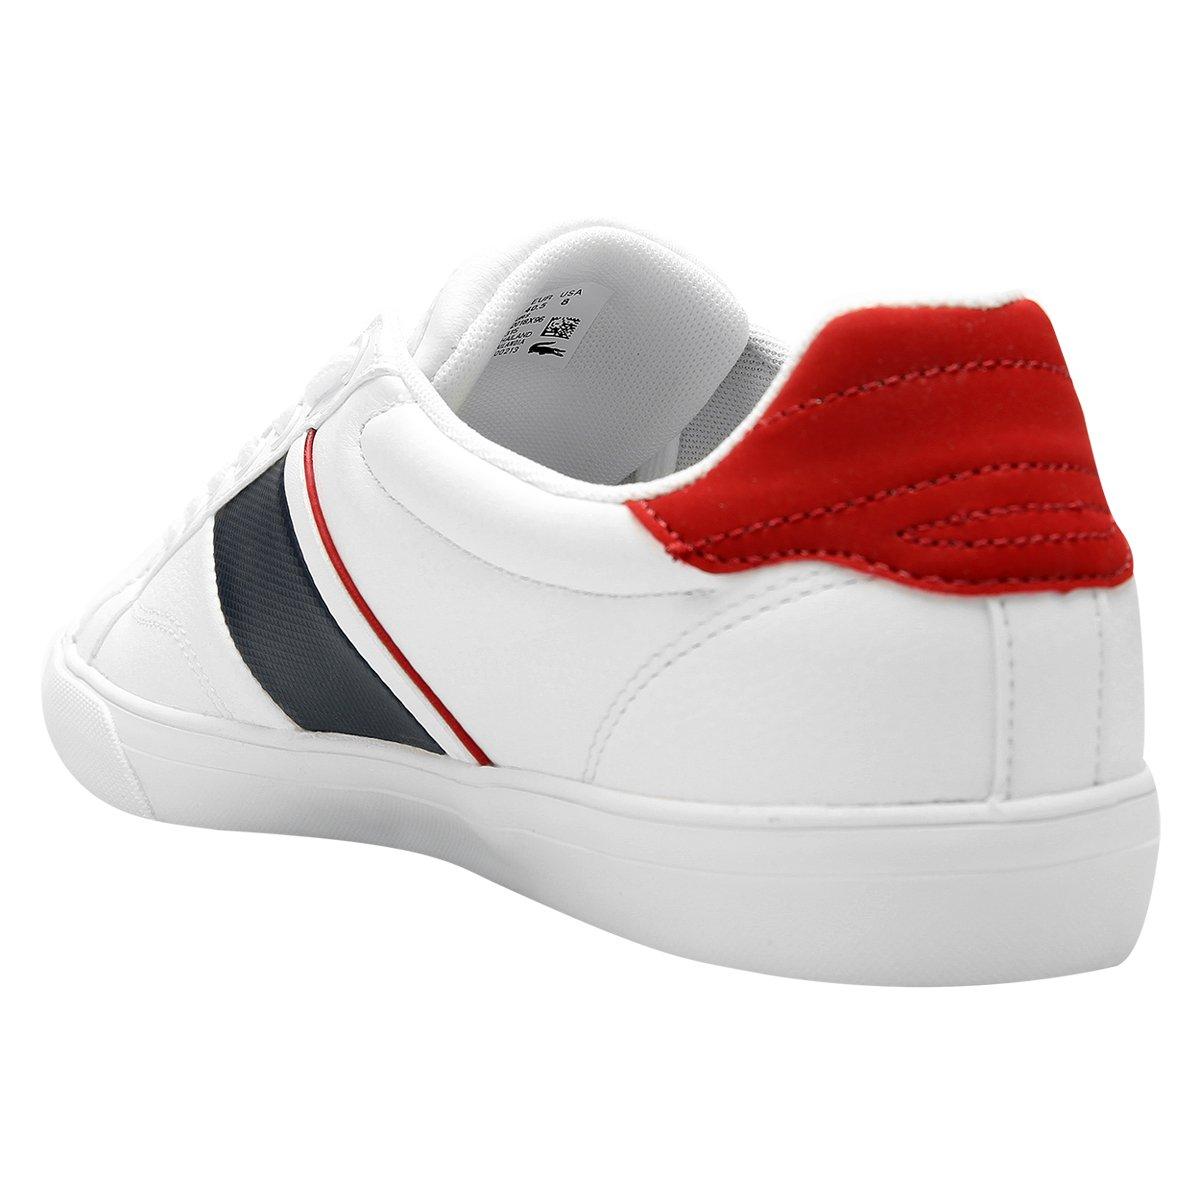 0e77b10b3d92a Tênis Lacoste Fairlead Urs - Compre Agora   Netshoes